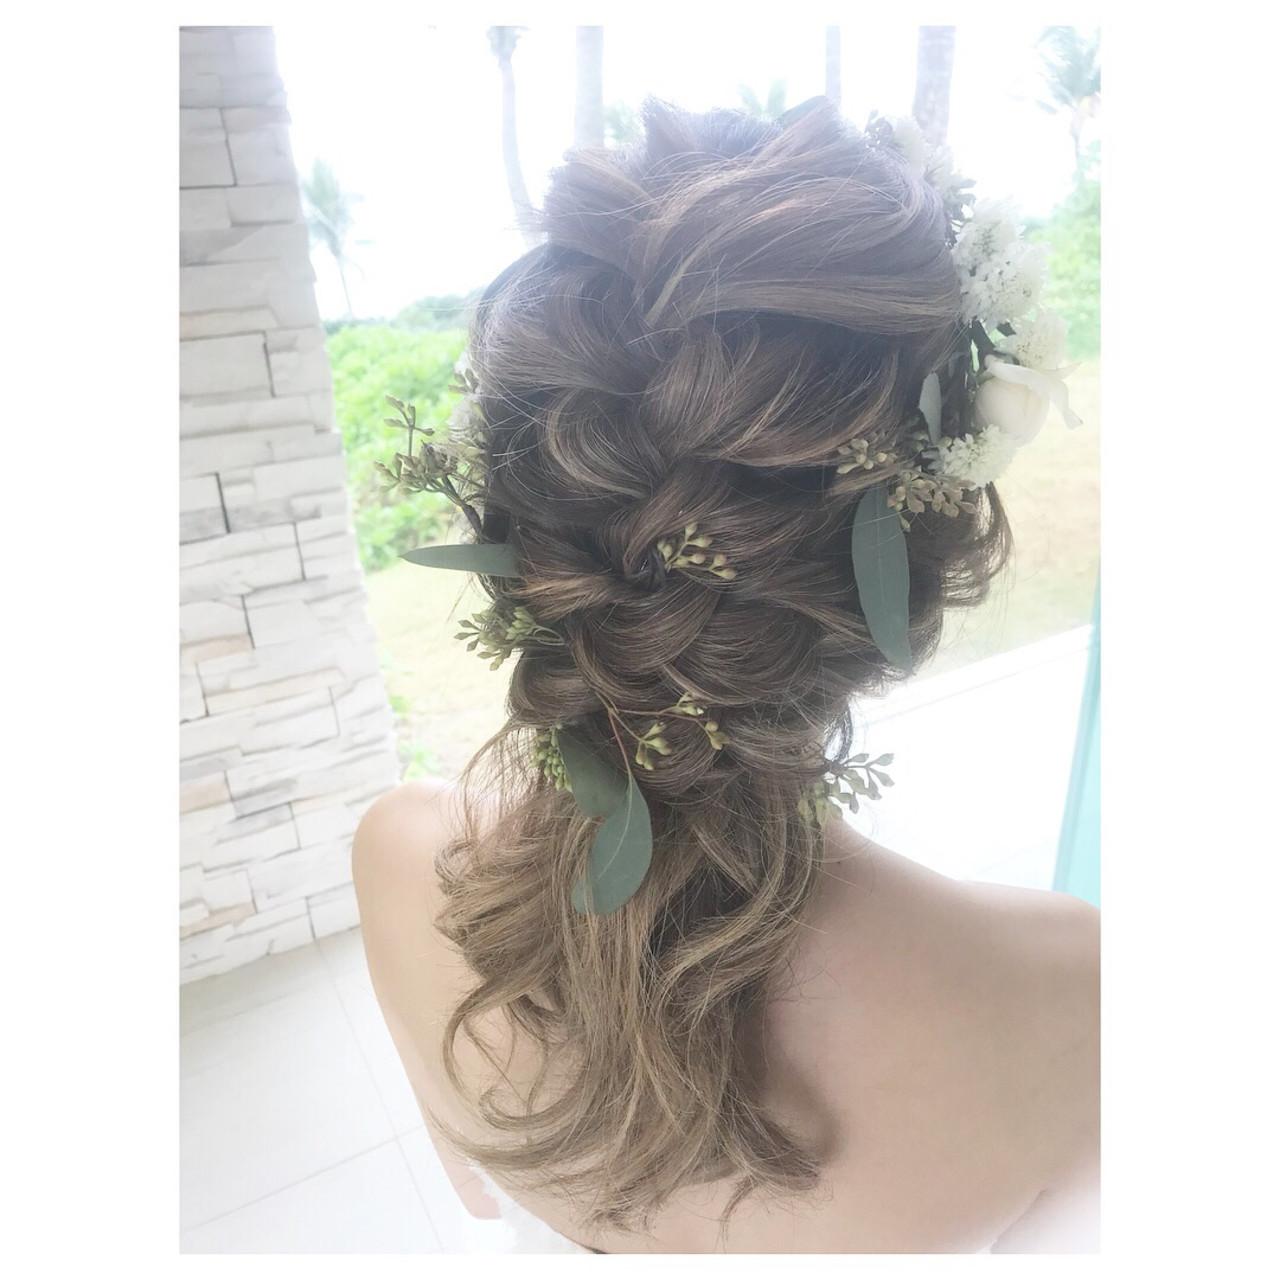 ベールとティアラが似合うミディアムのアンニュイな髪型 ayano urahairmakeFULL